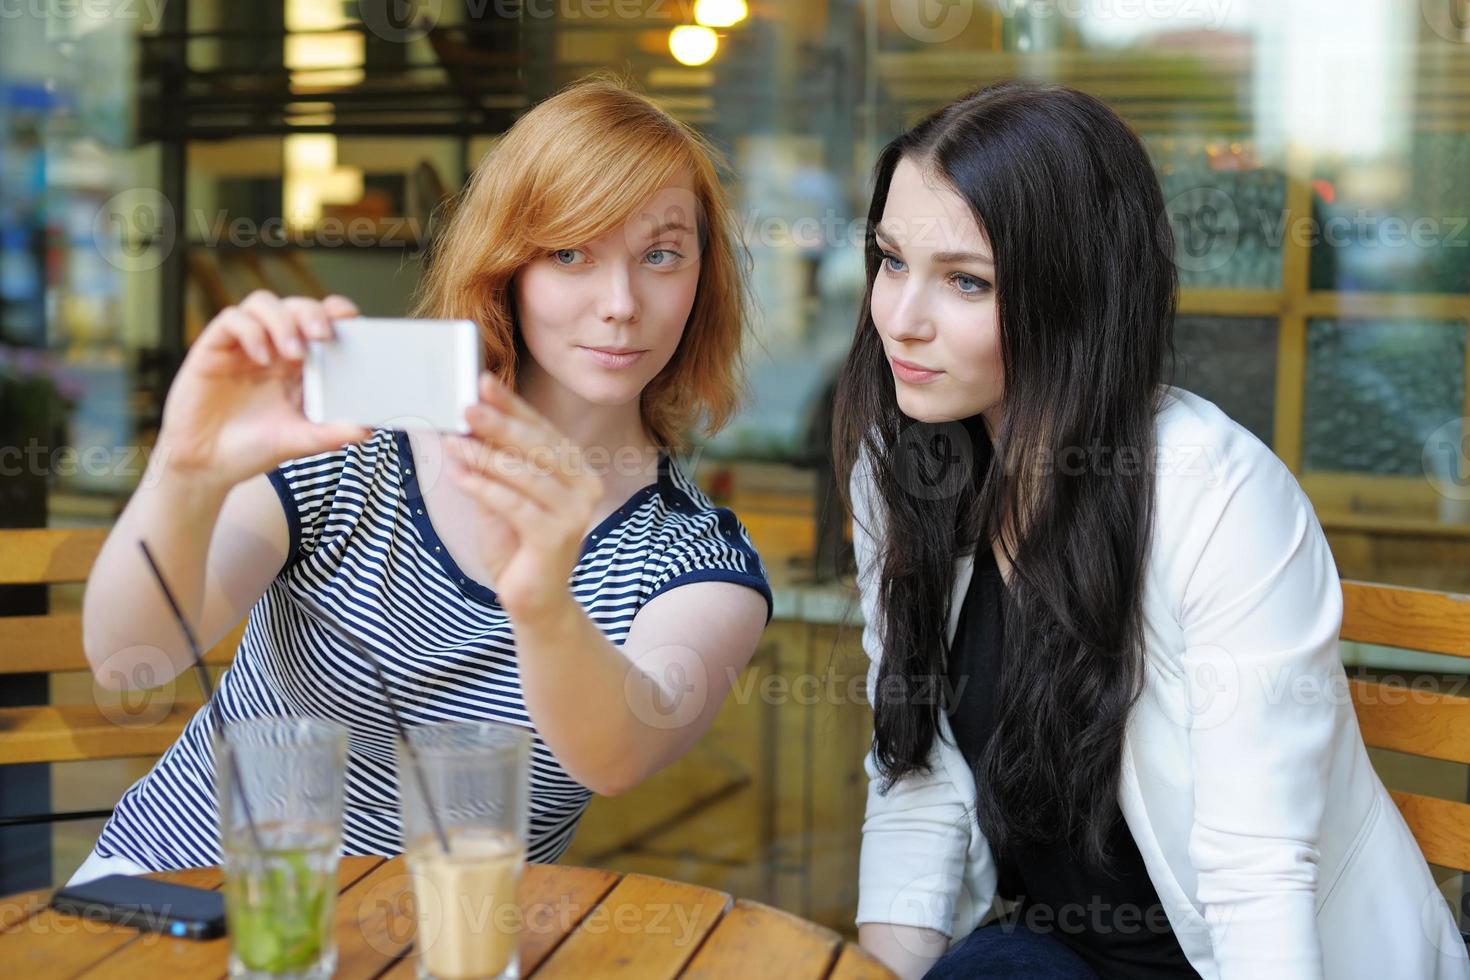 zwei junge Mädchen machen Selfie foto